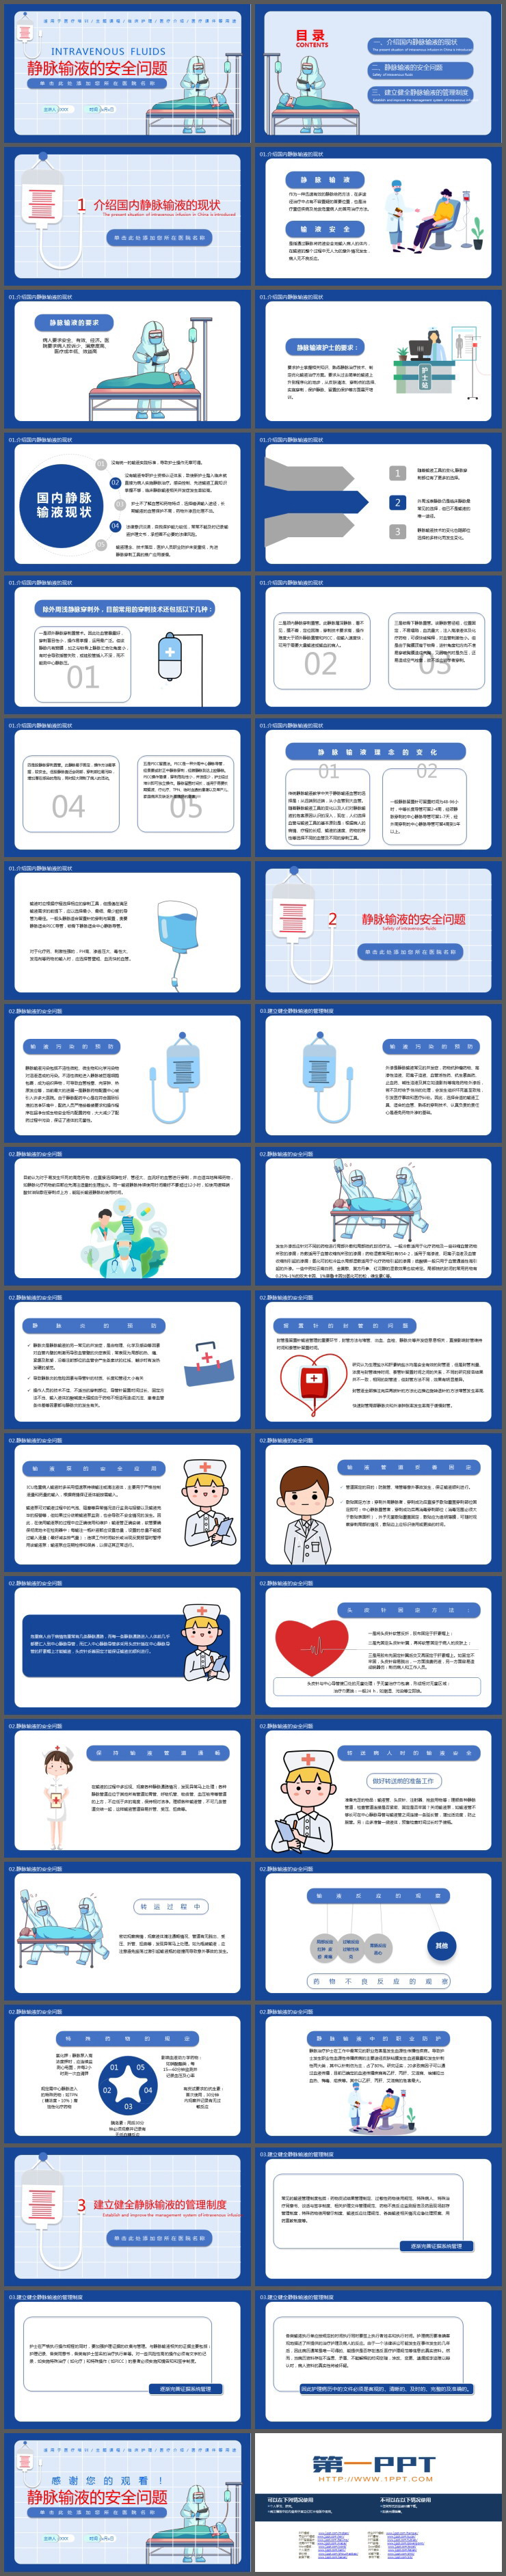 静脉输液的安全问题培训PPT下载